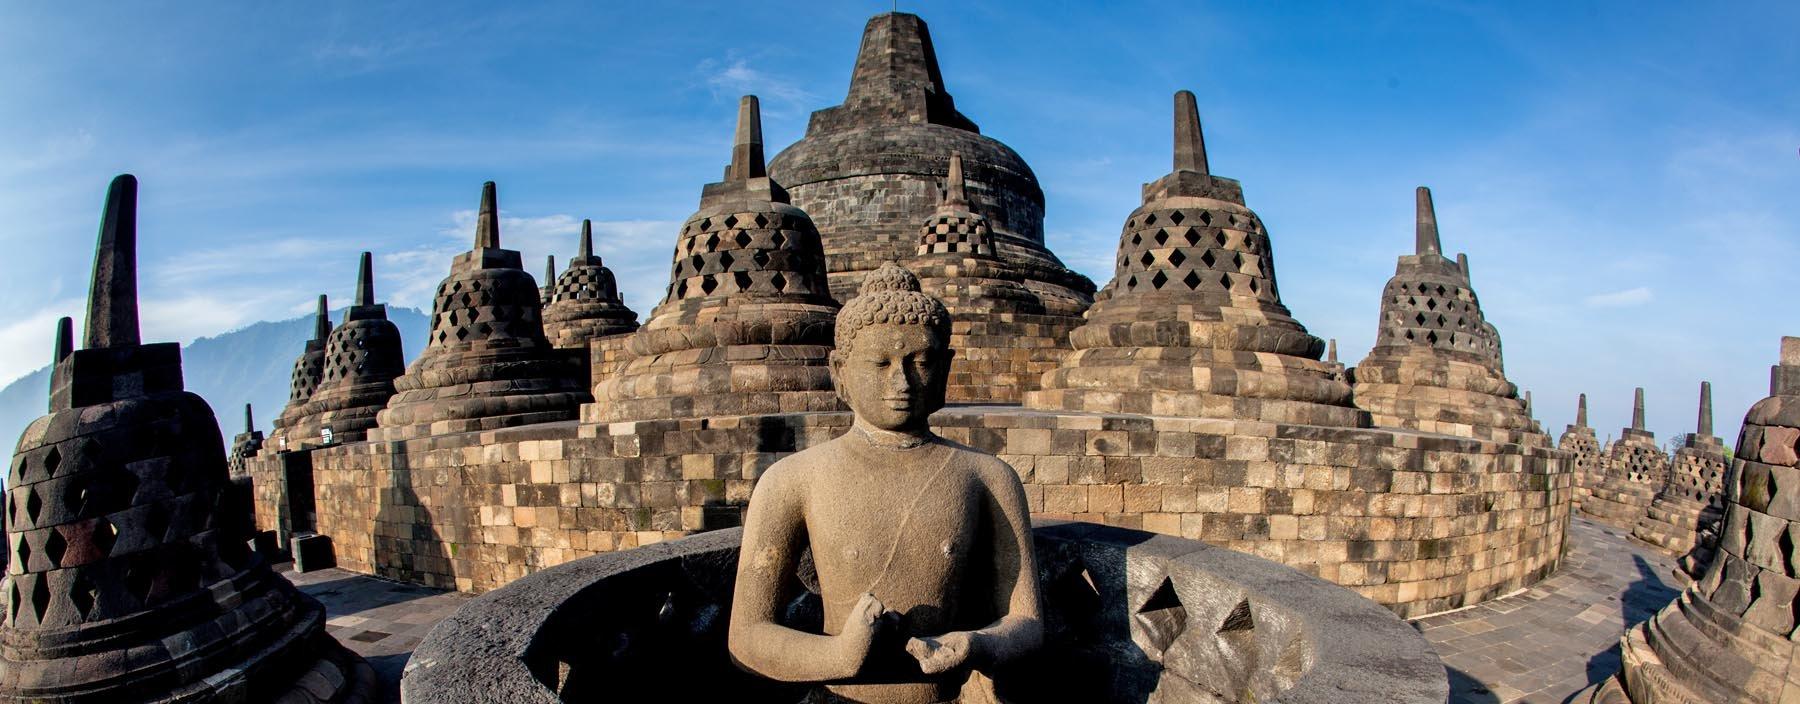 id, java, borobudur temple (3).jpg